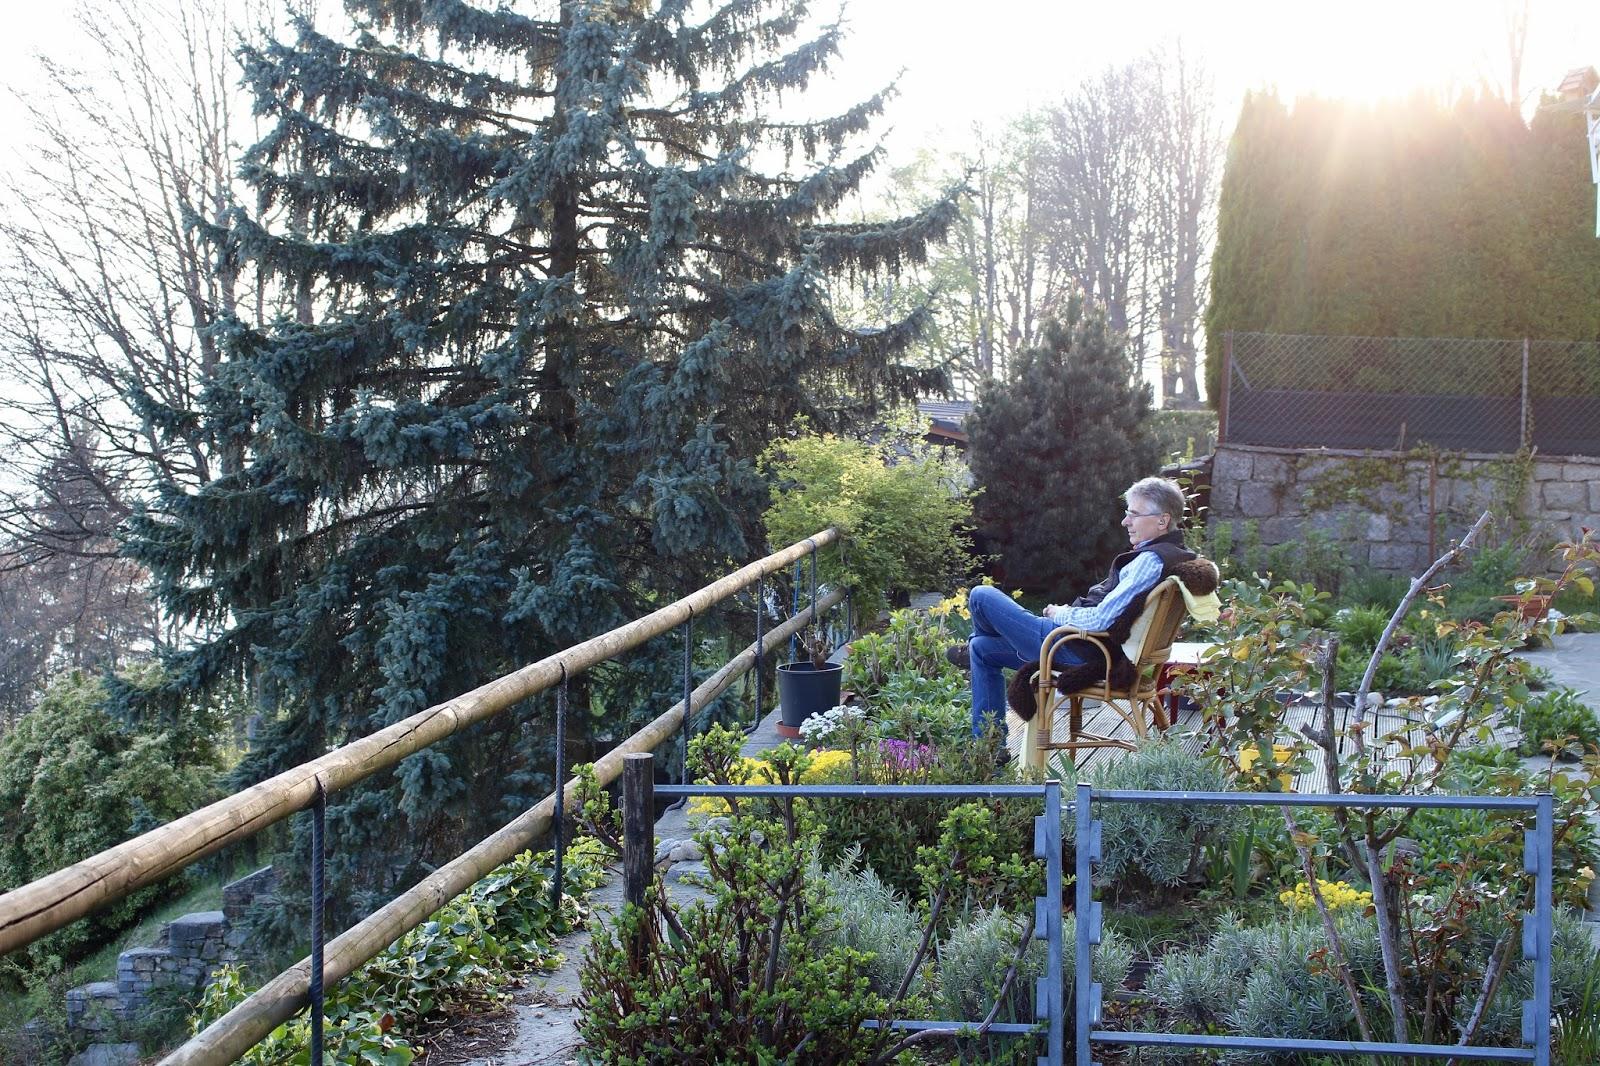 Wolfgang bei meiner Mutter auf der Terrasse in Brè, Monte Brè 2017